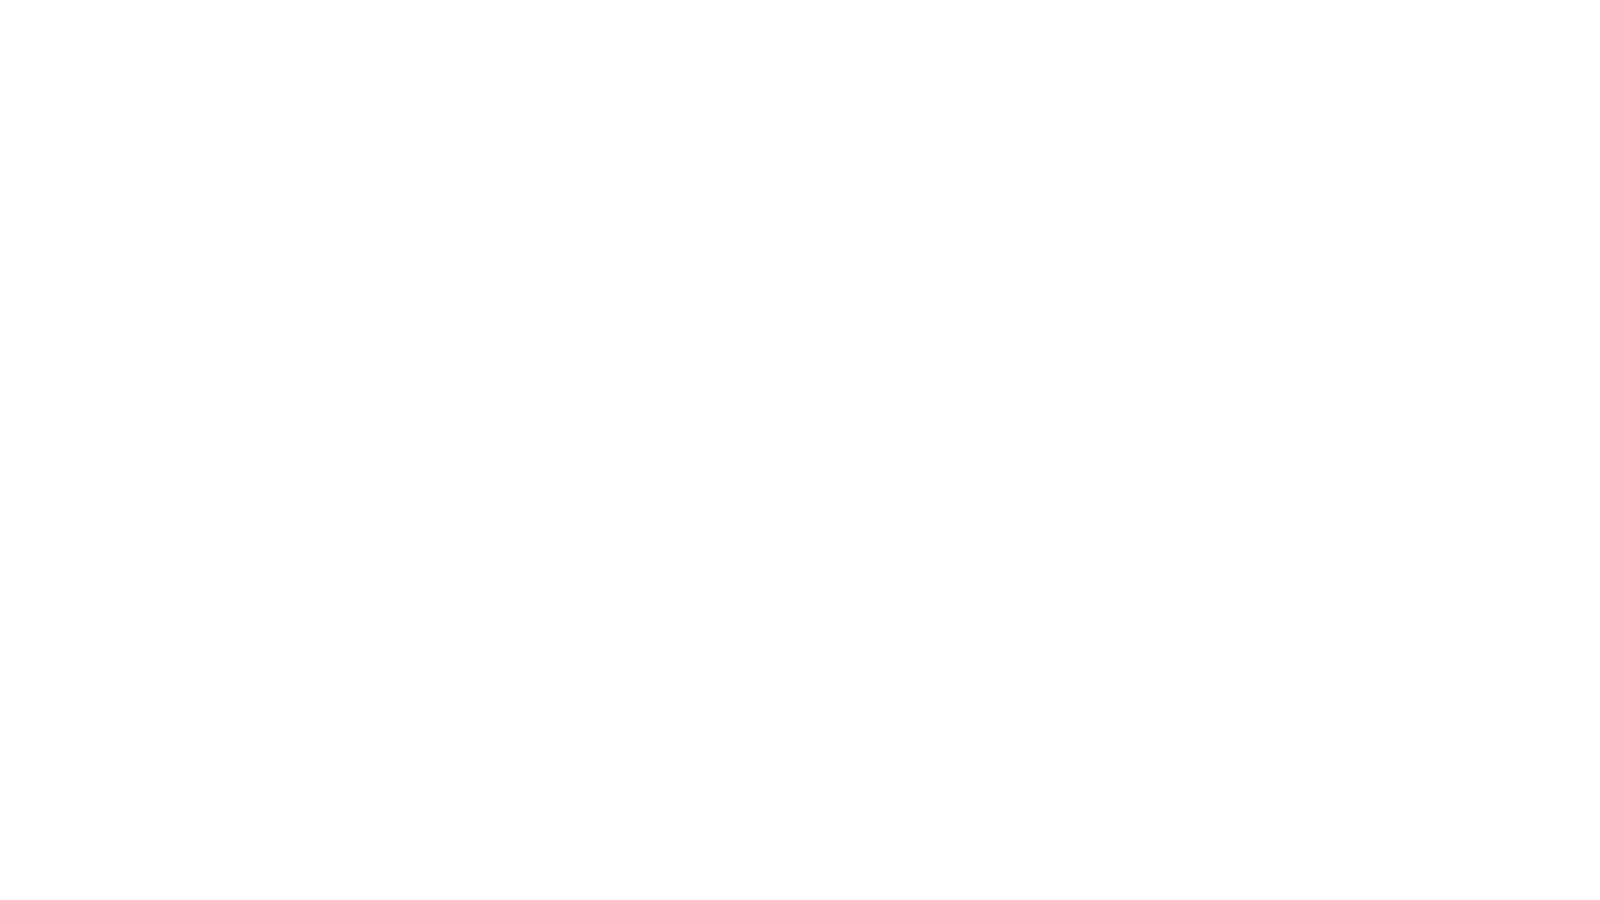 Nueva receta del Mercado de la Encarnación, en este caso un plato típico de Andalucía, especialmente en Cádiz: Tagarninas esparragás con huevo cuajao.  Con un producto principal de temporada, las tagarninas, fuente de minerales y vitaminas aportan muchos beneficios para la salud, además de ser un plato exquisito y de muy baja huella ecológica al ser un producto silvestre, local y de temporada.  Una receta sencilla y deliciosa.